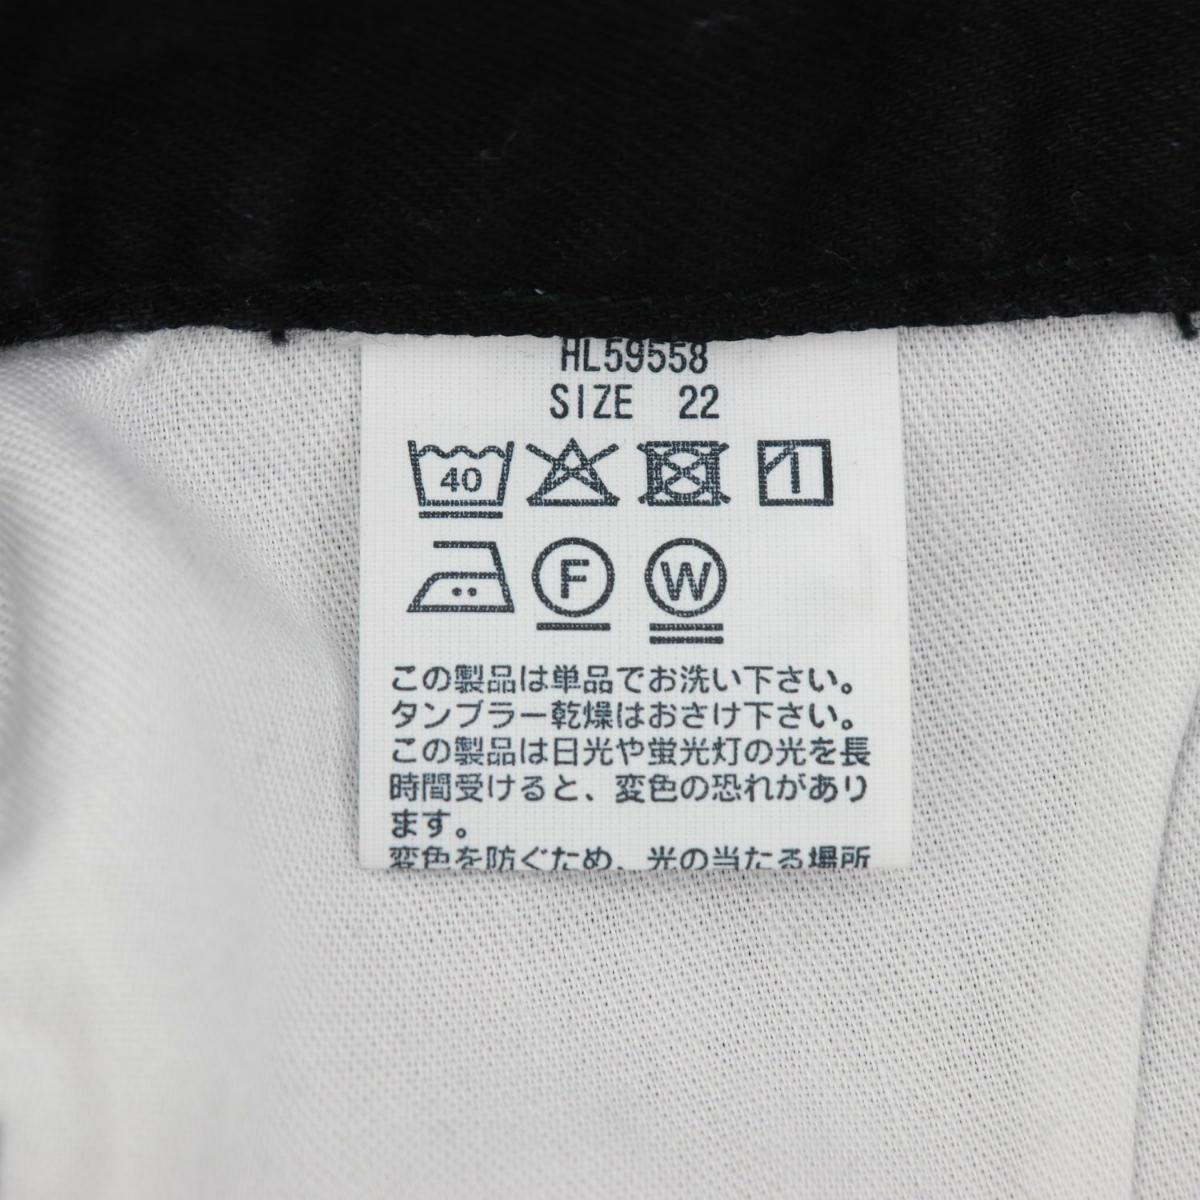 ヘルシーデニム HEALTHY DENIM レディース ストレッチスリムテーパード HL59558-bk HLD orange Black Used(ブラック) 春夏新作